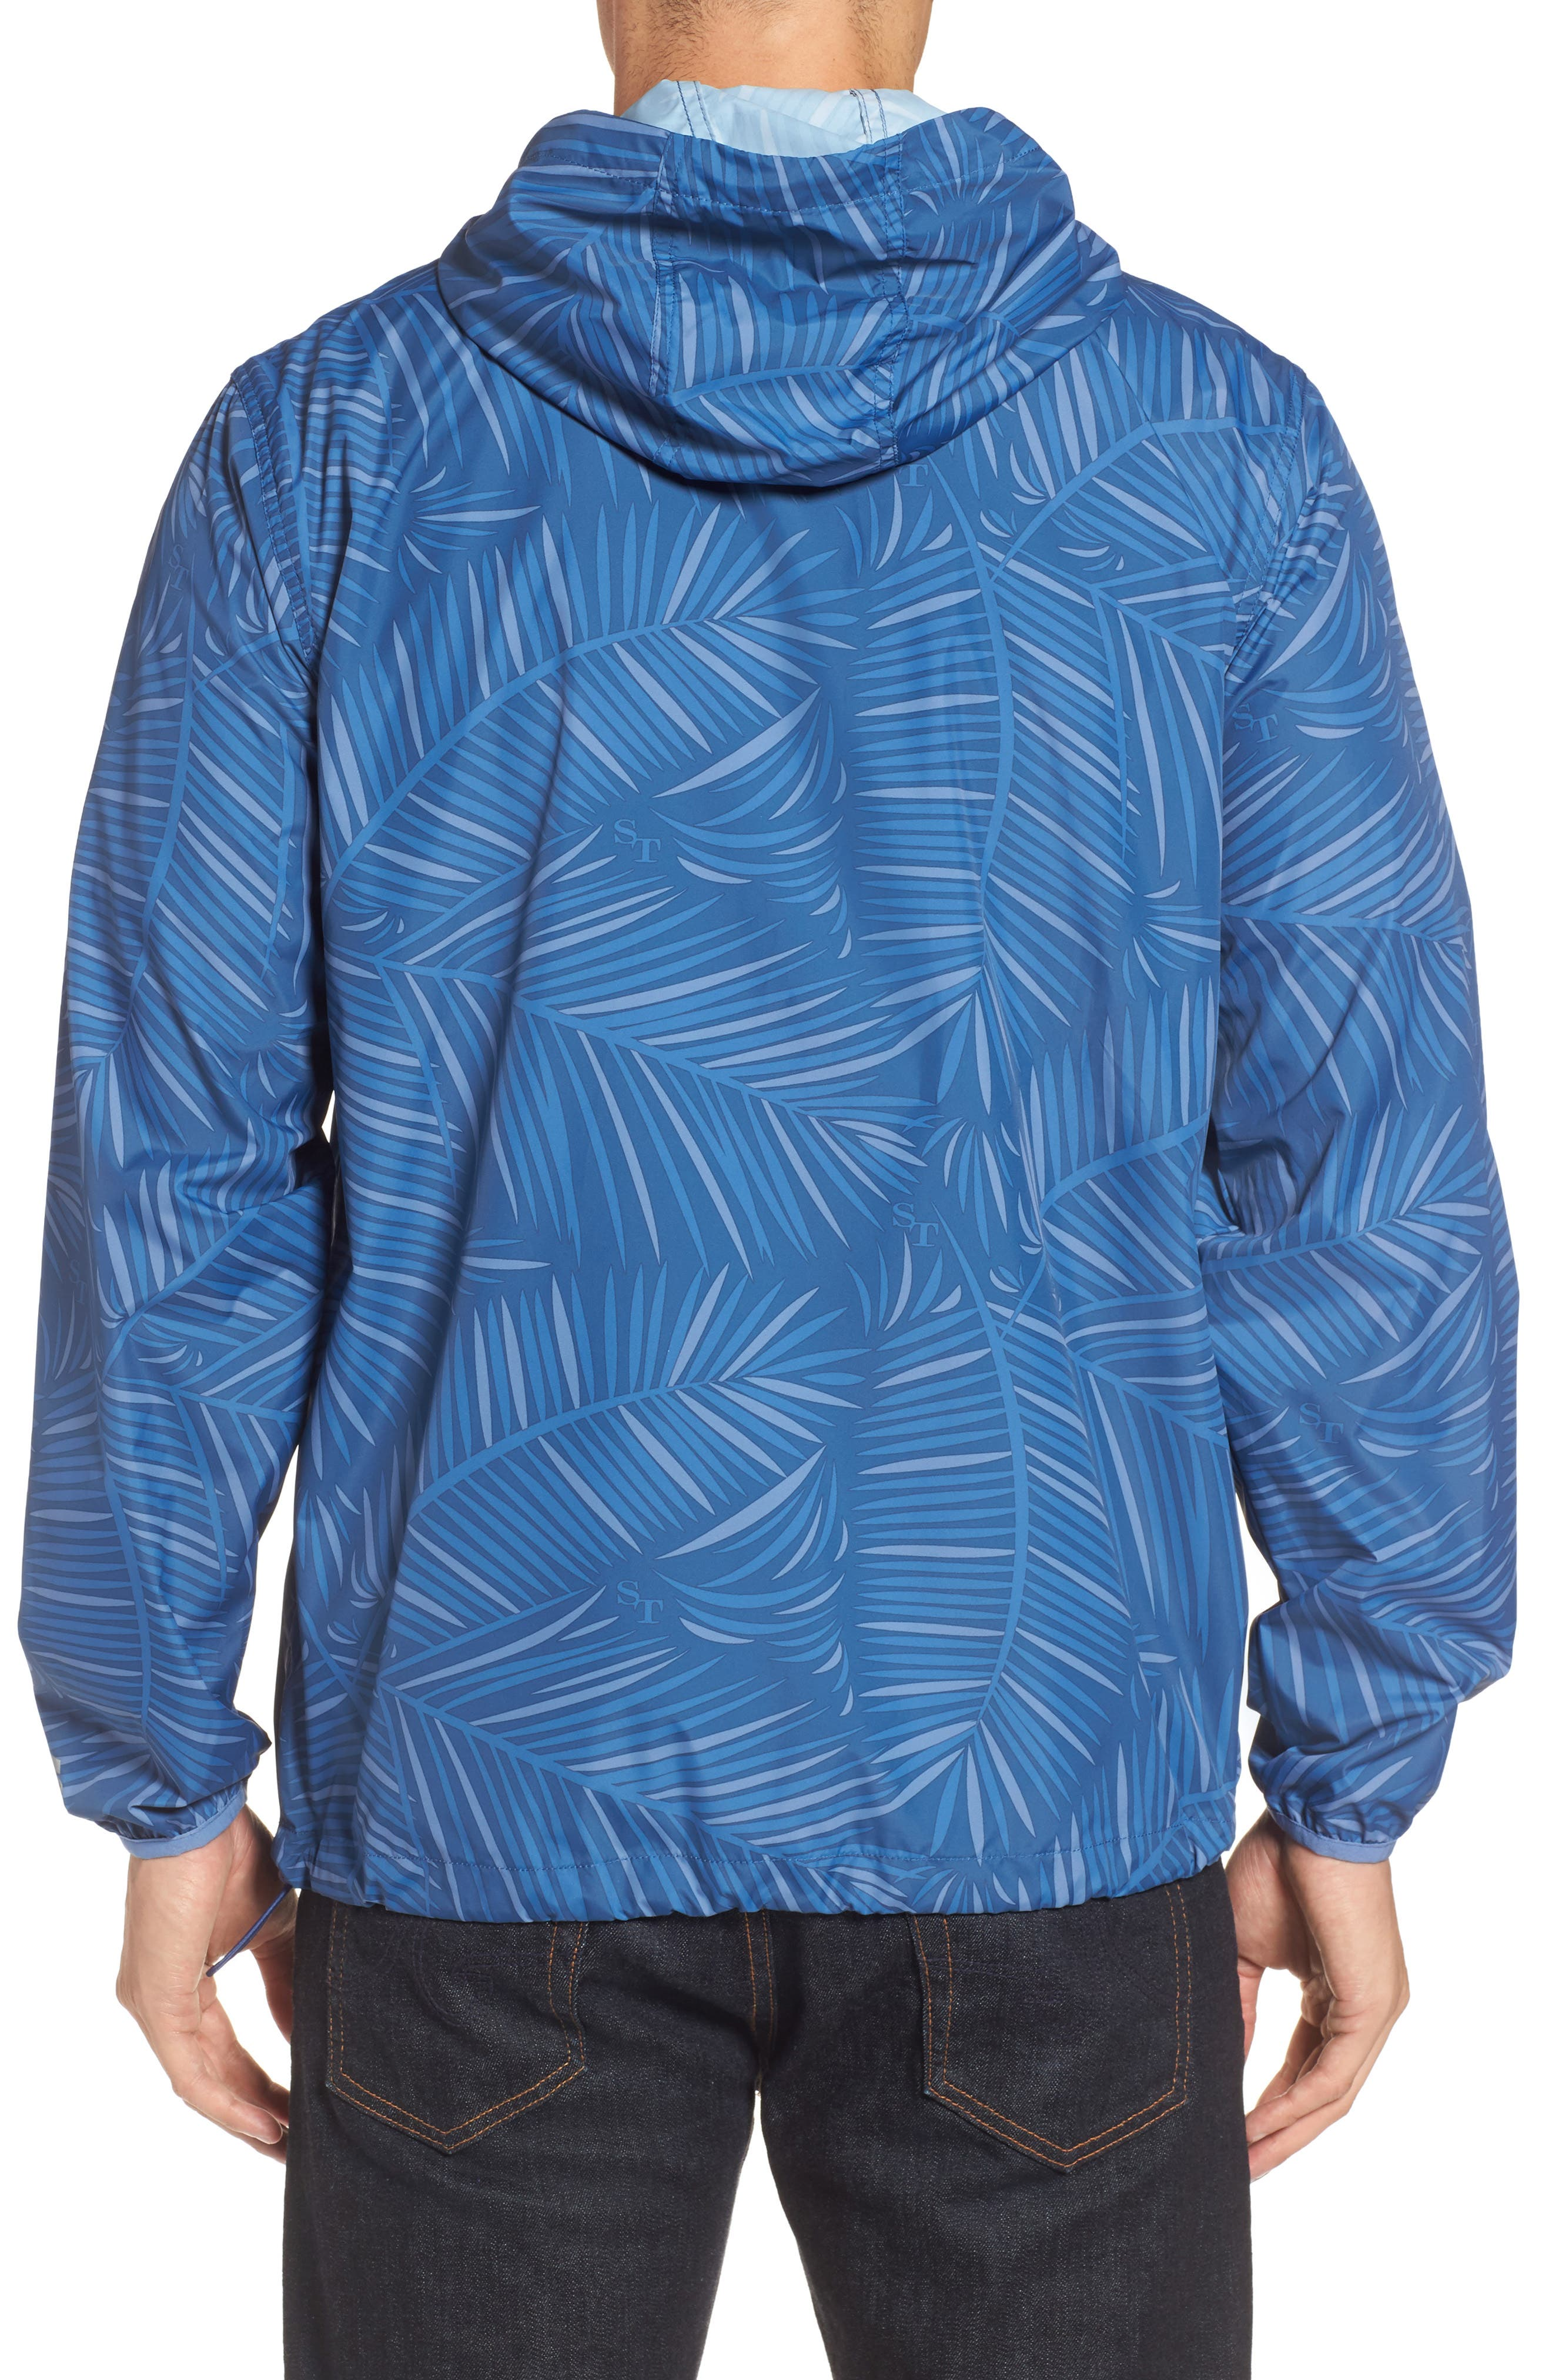 Alternate Image 2  - Southern Tide Pelican Peak Full Zip Hooded Jacket